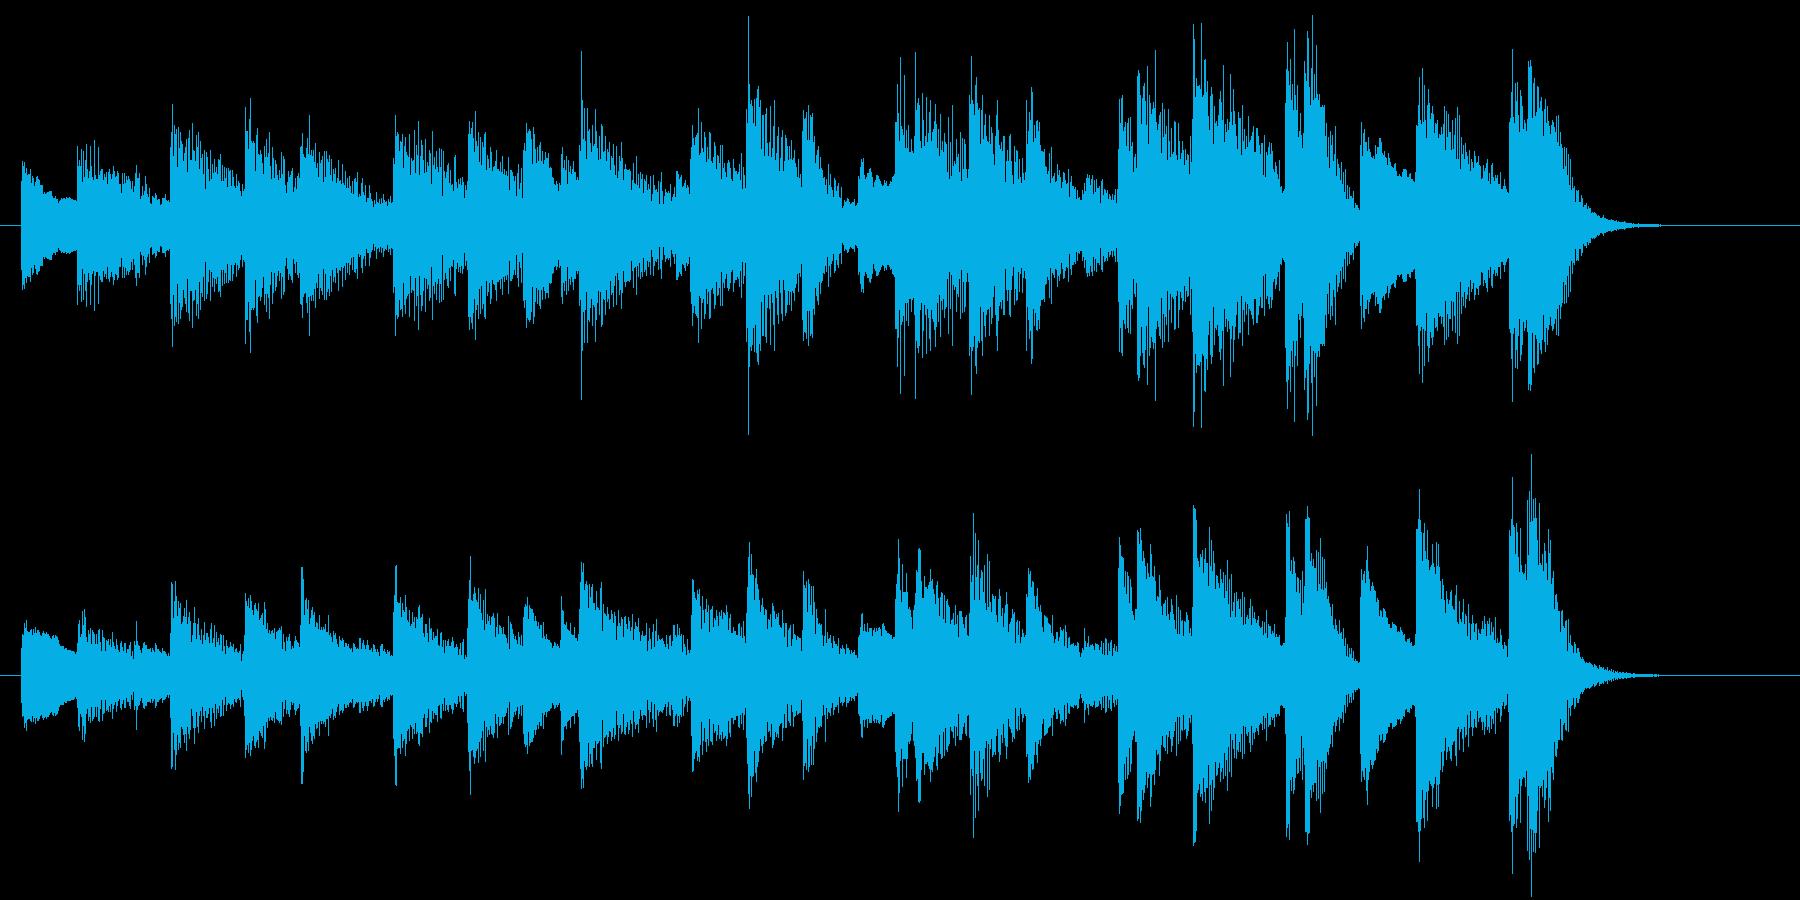 モミの木モチーフXmasピアノジングルBの再生済みの波形